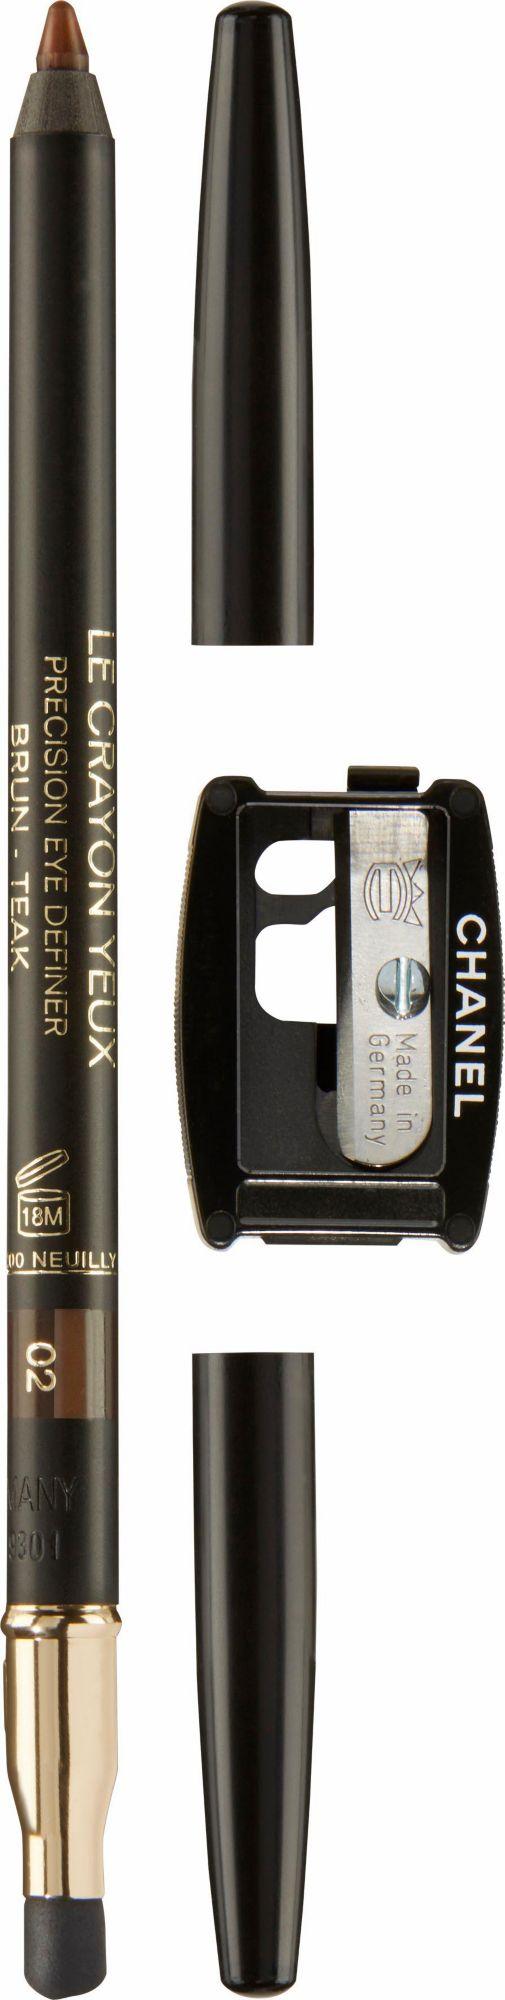 CHANEL Chanel, »Le Crayon Yeux«, Kajalstift